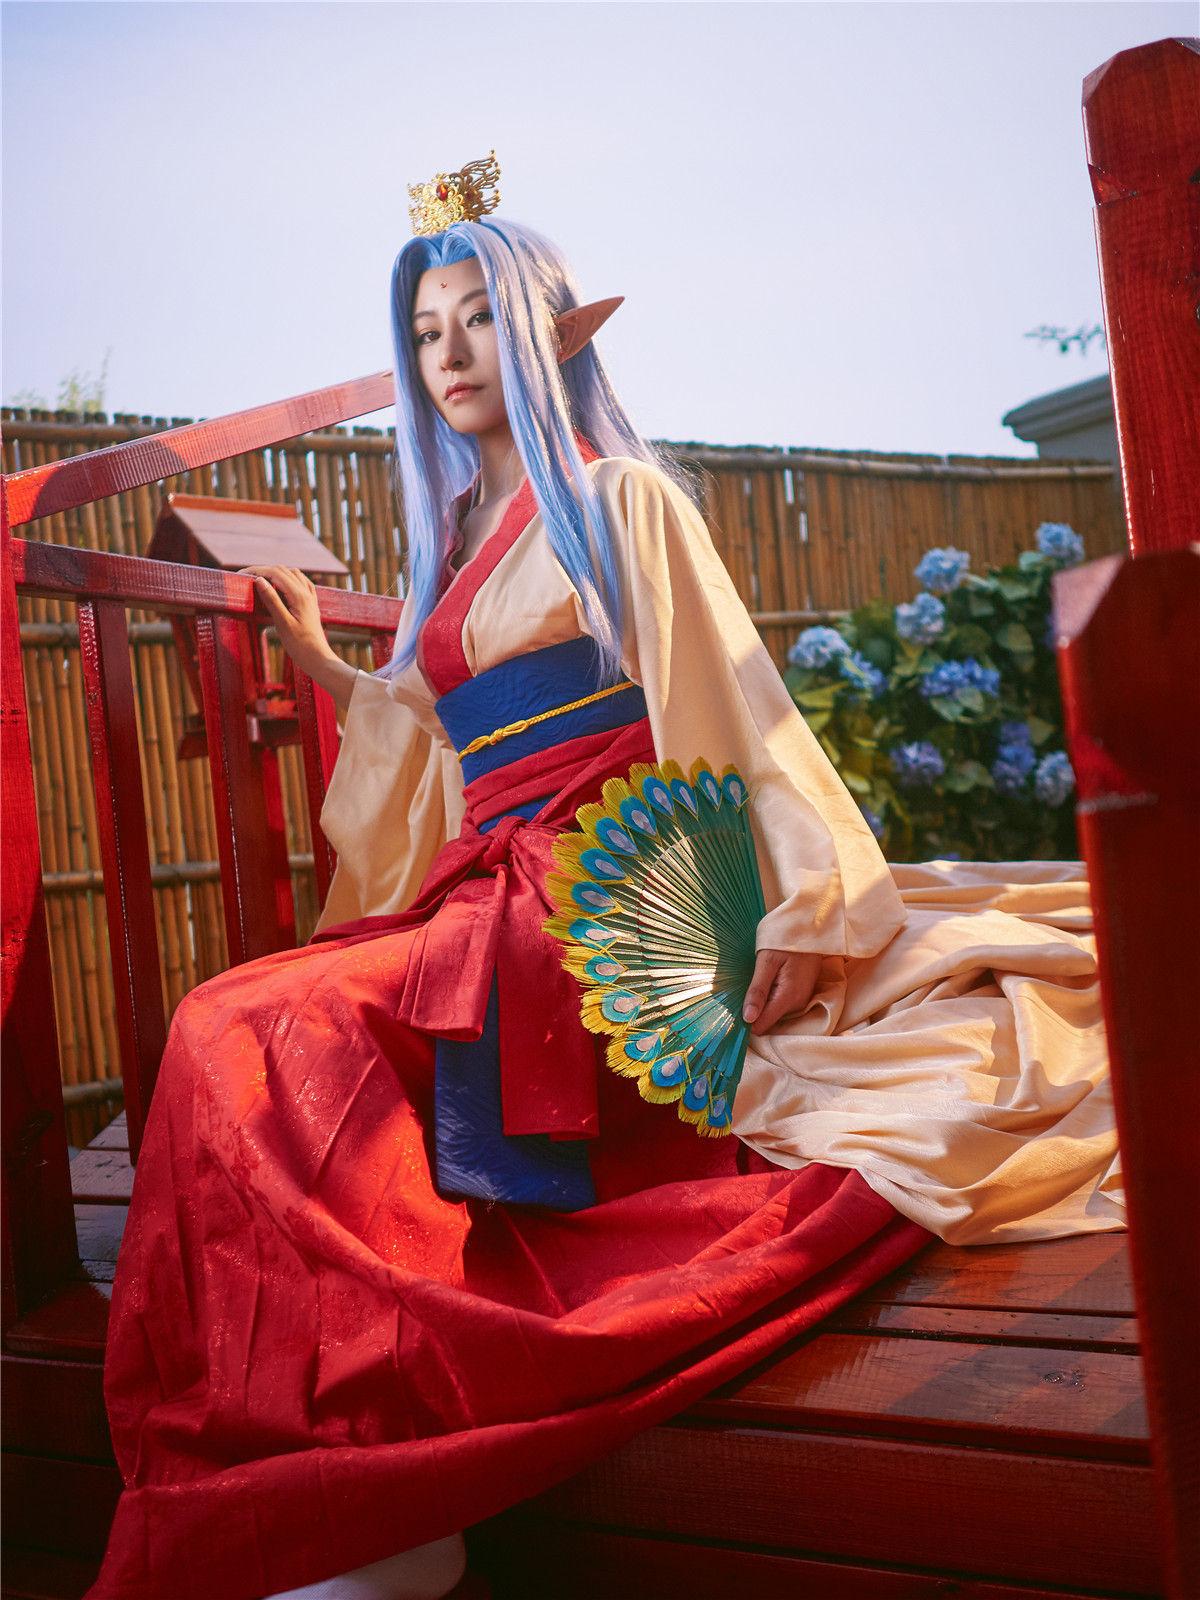 银魂孔雀姬cosplay插图